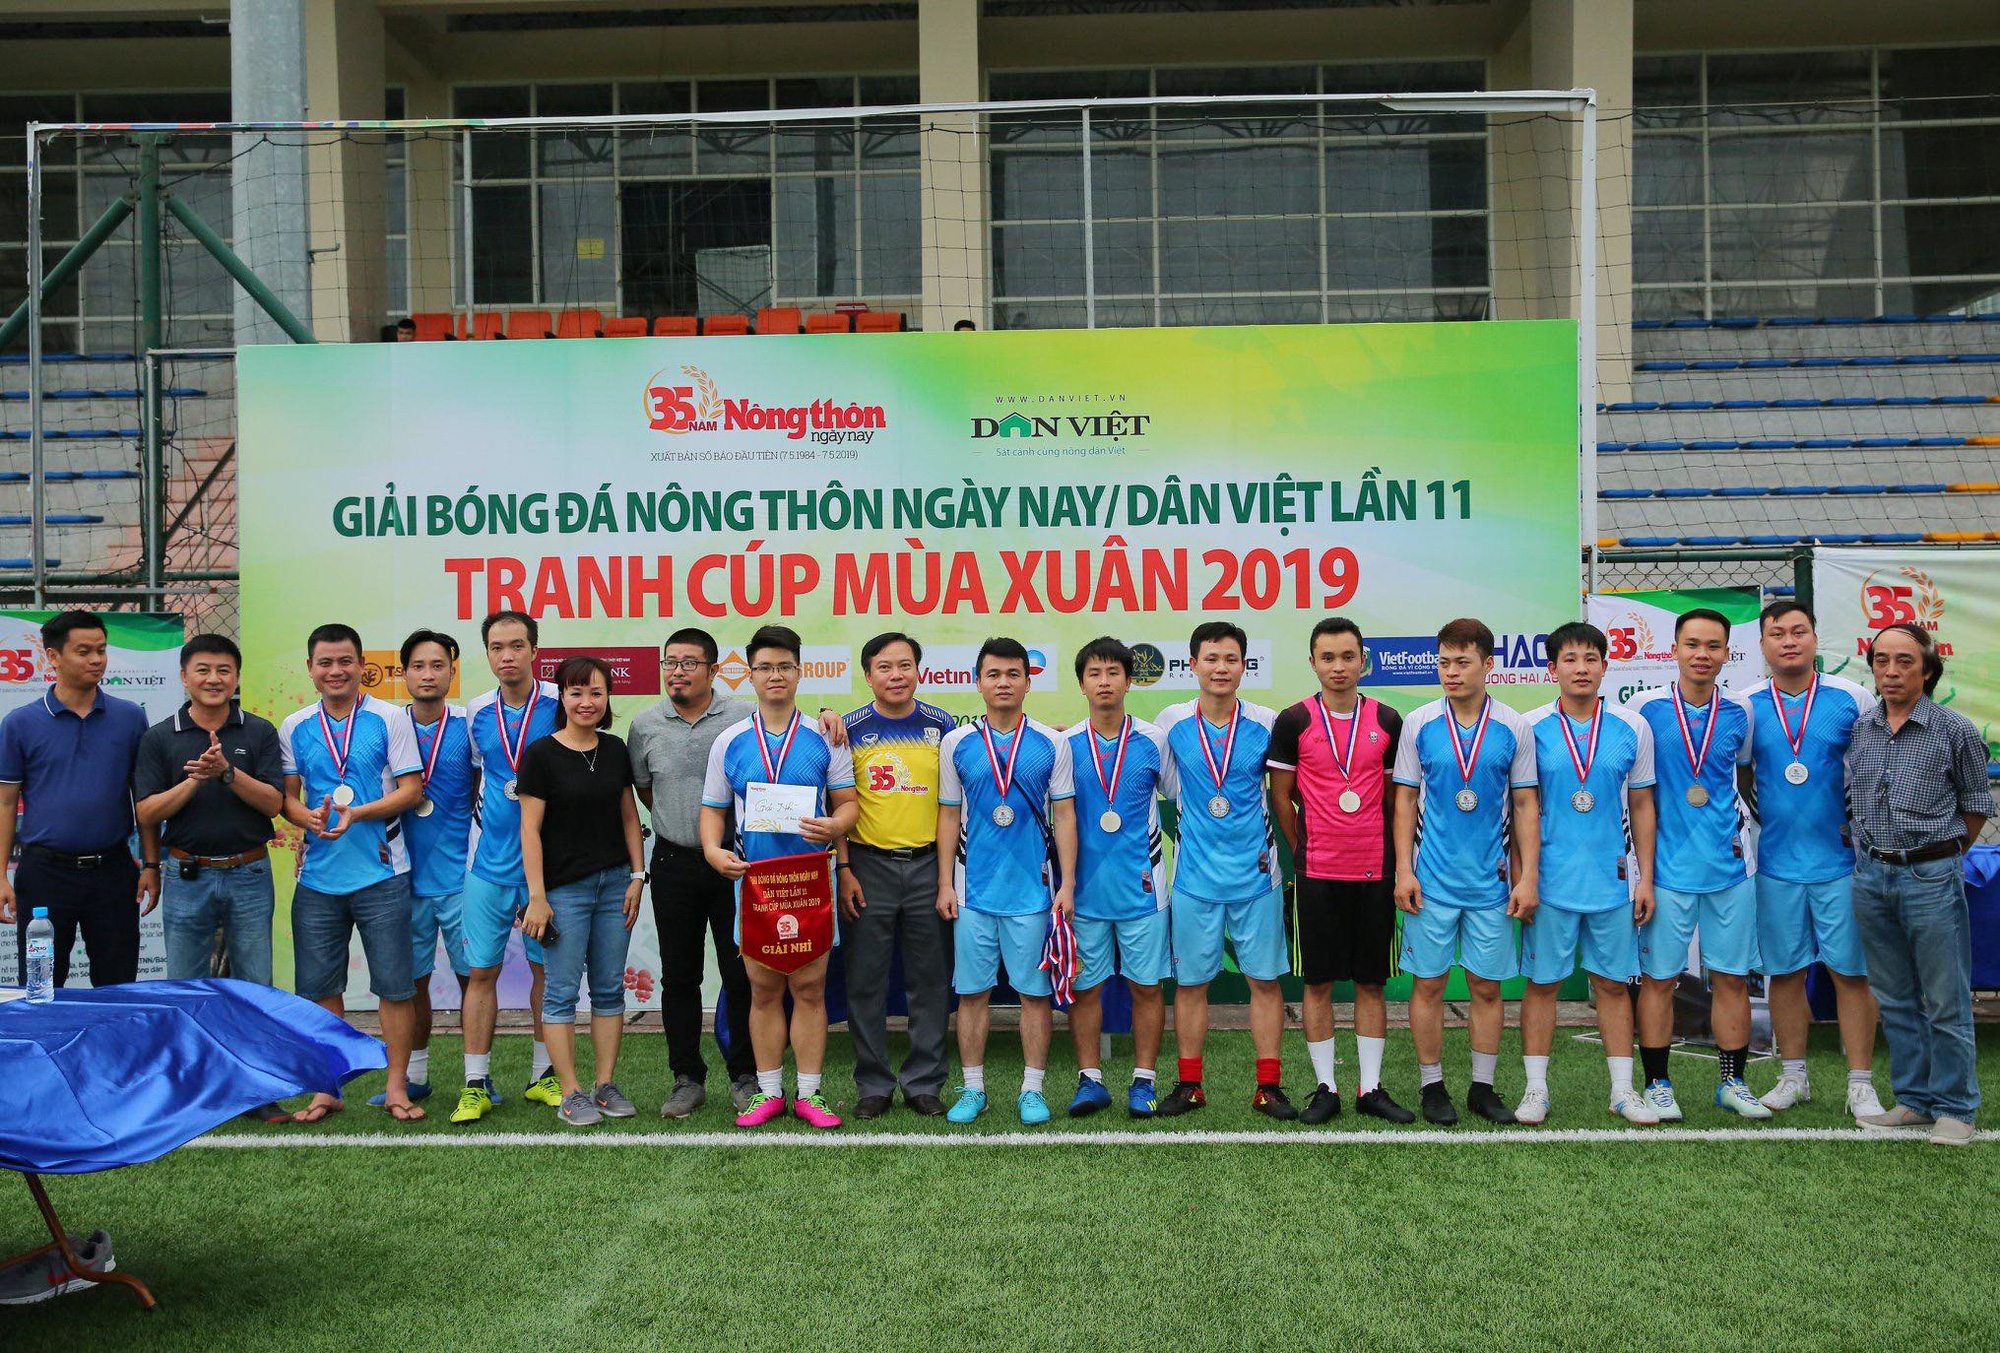 """Đương kim Á quân FC 24h.com.vn: """"Tham dự Giải bóng đá báo NTNN/Dân Việt 2020 mang lại cảm xúc lớn"""" - Ảnh 1."""